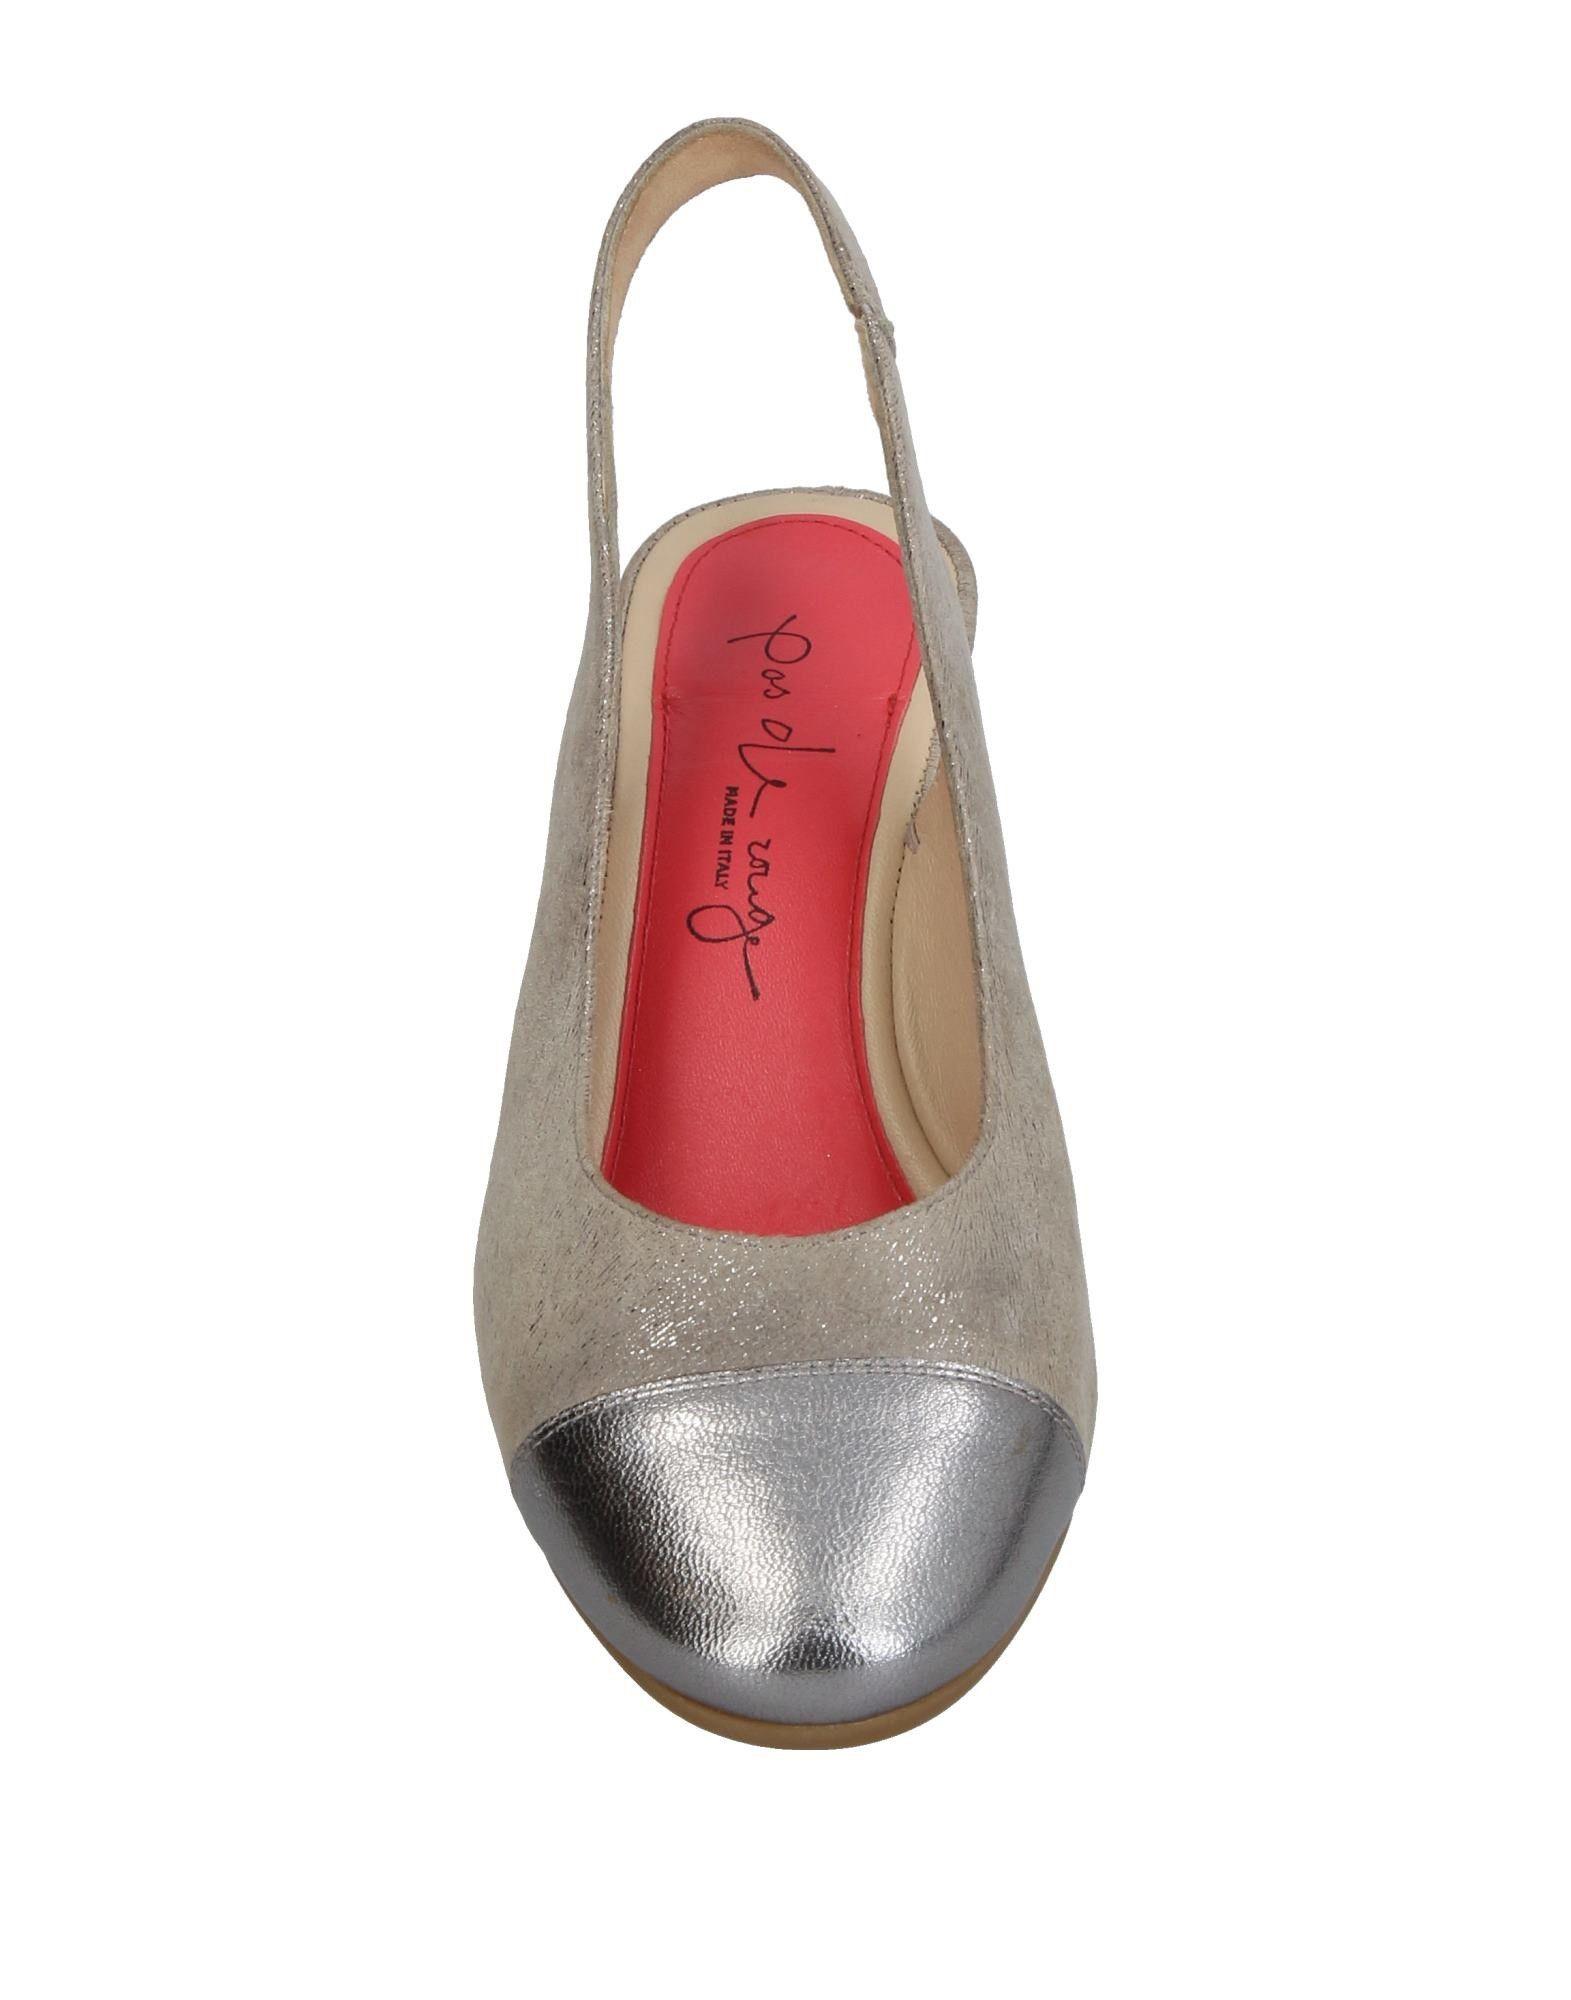 Pas De Rouge  Pumps Damen  Rouge 11385523IA Gute Qualität beliebte Schuhe 9b9317